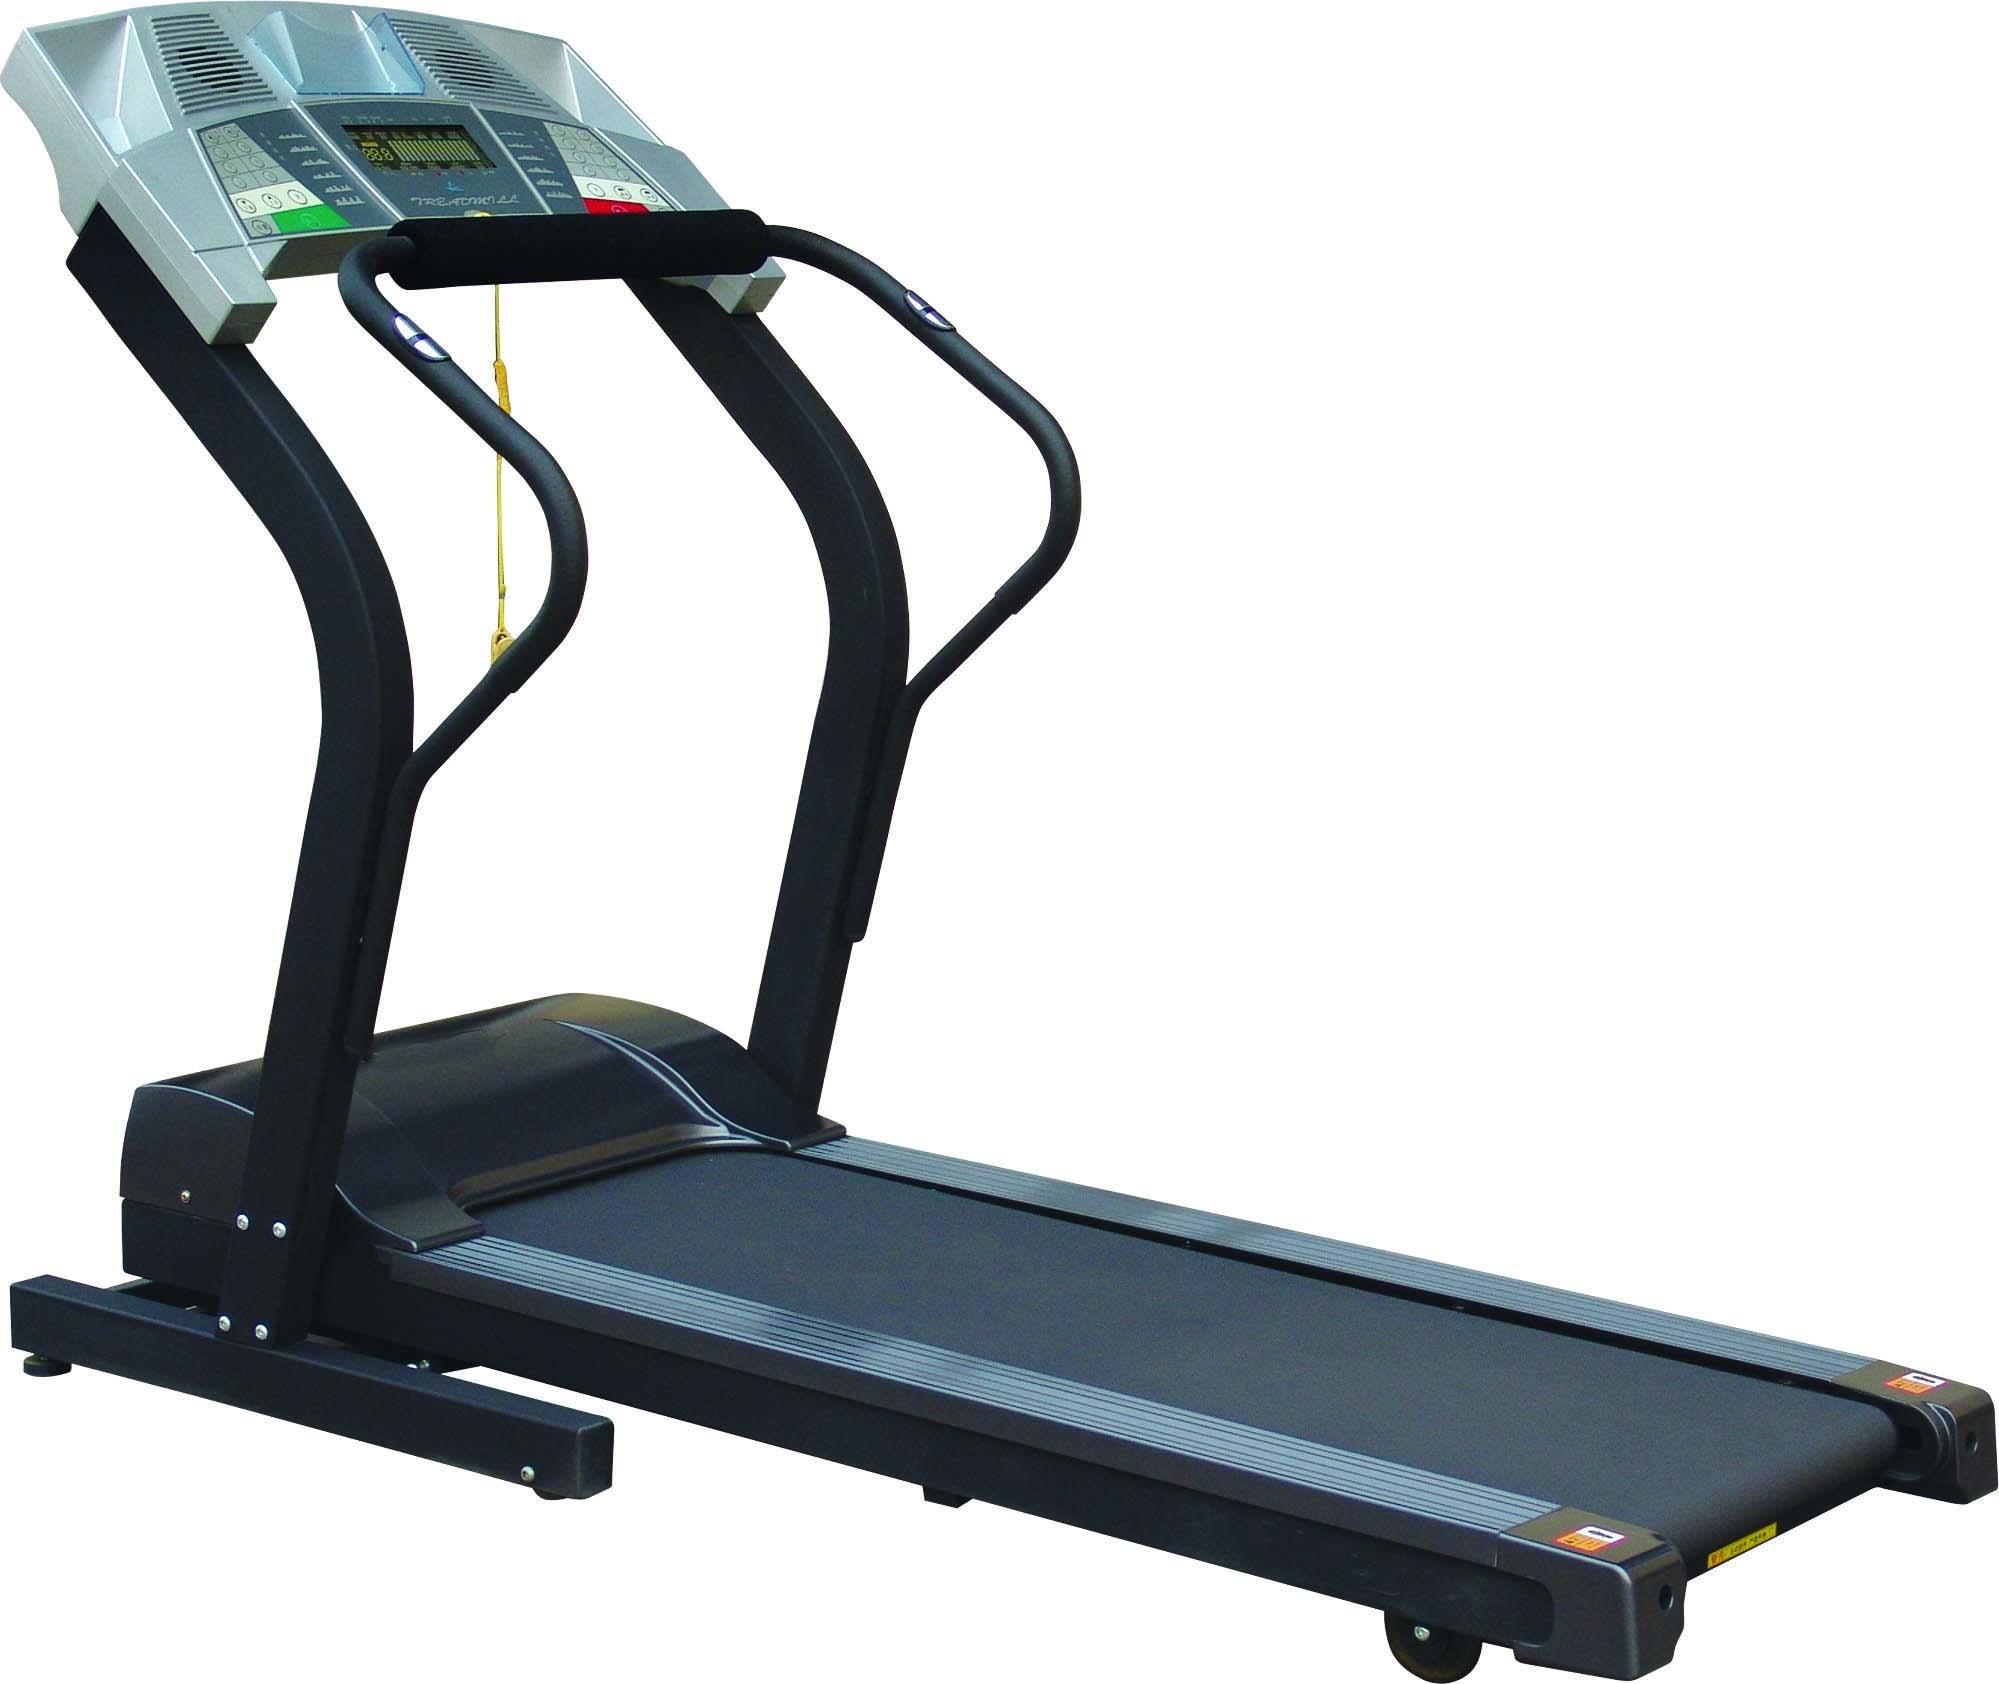 China motorized treadmill rm181 china motorized for Best non motorized treadmill